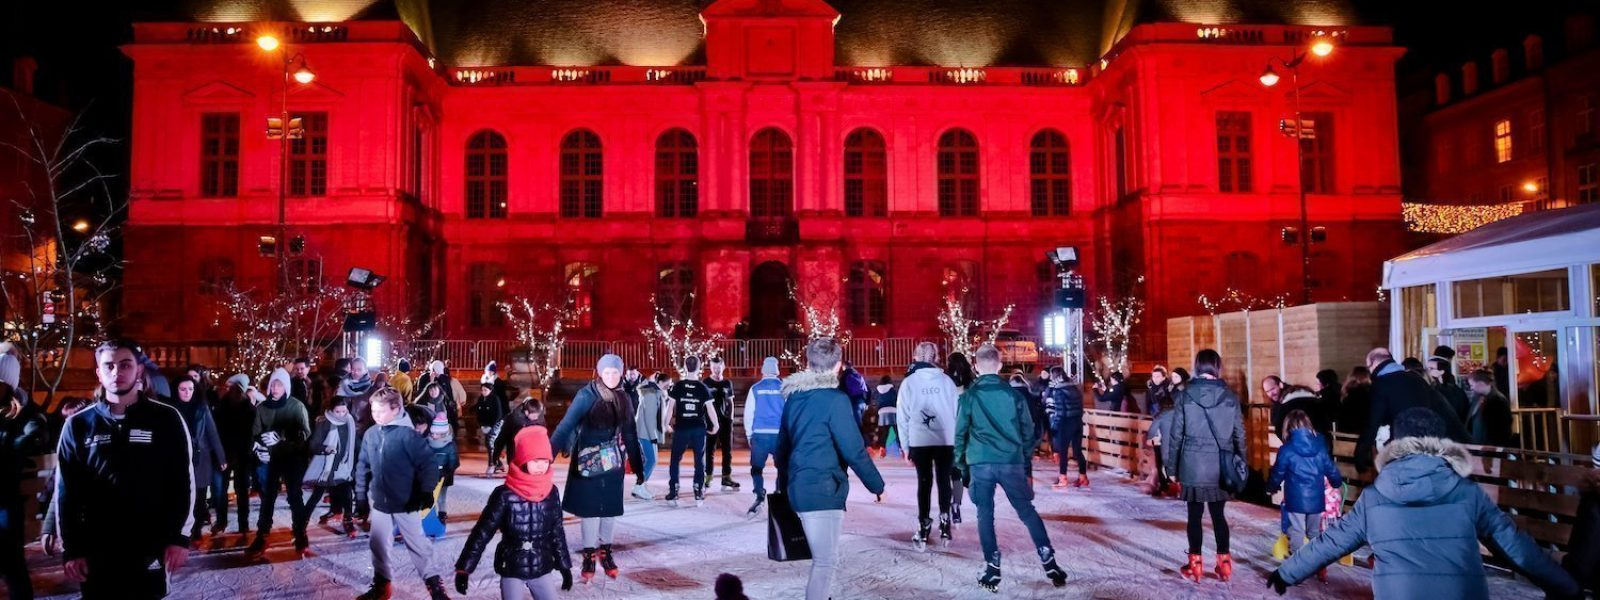 La patinoire de la Place du Parlement à Rennes